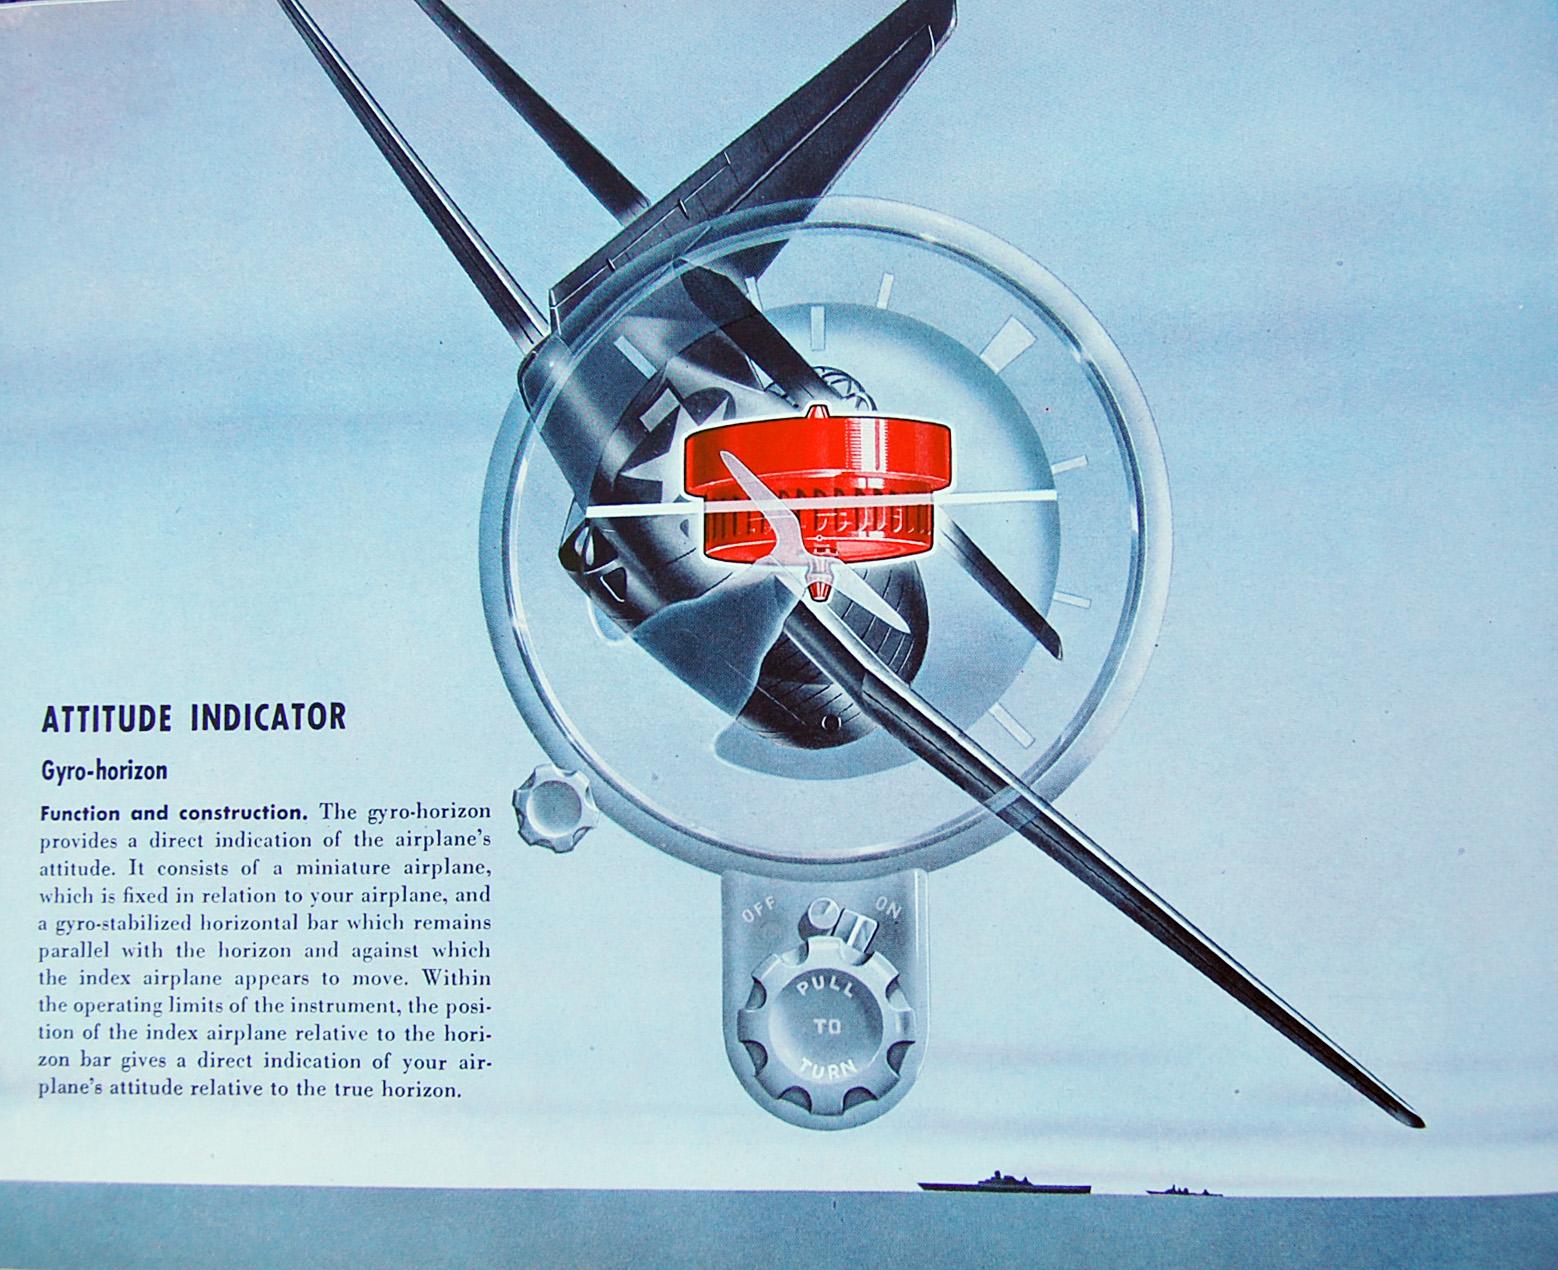 Flight Thru Instruments Manual Attitude Indicator